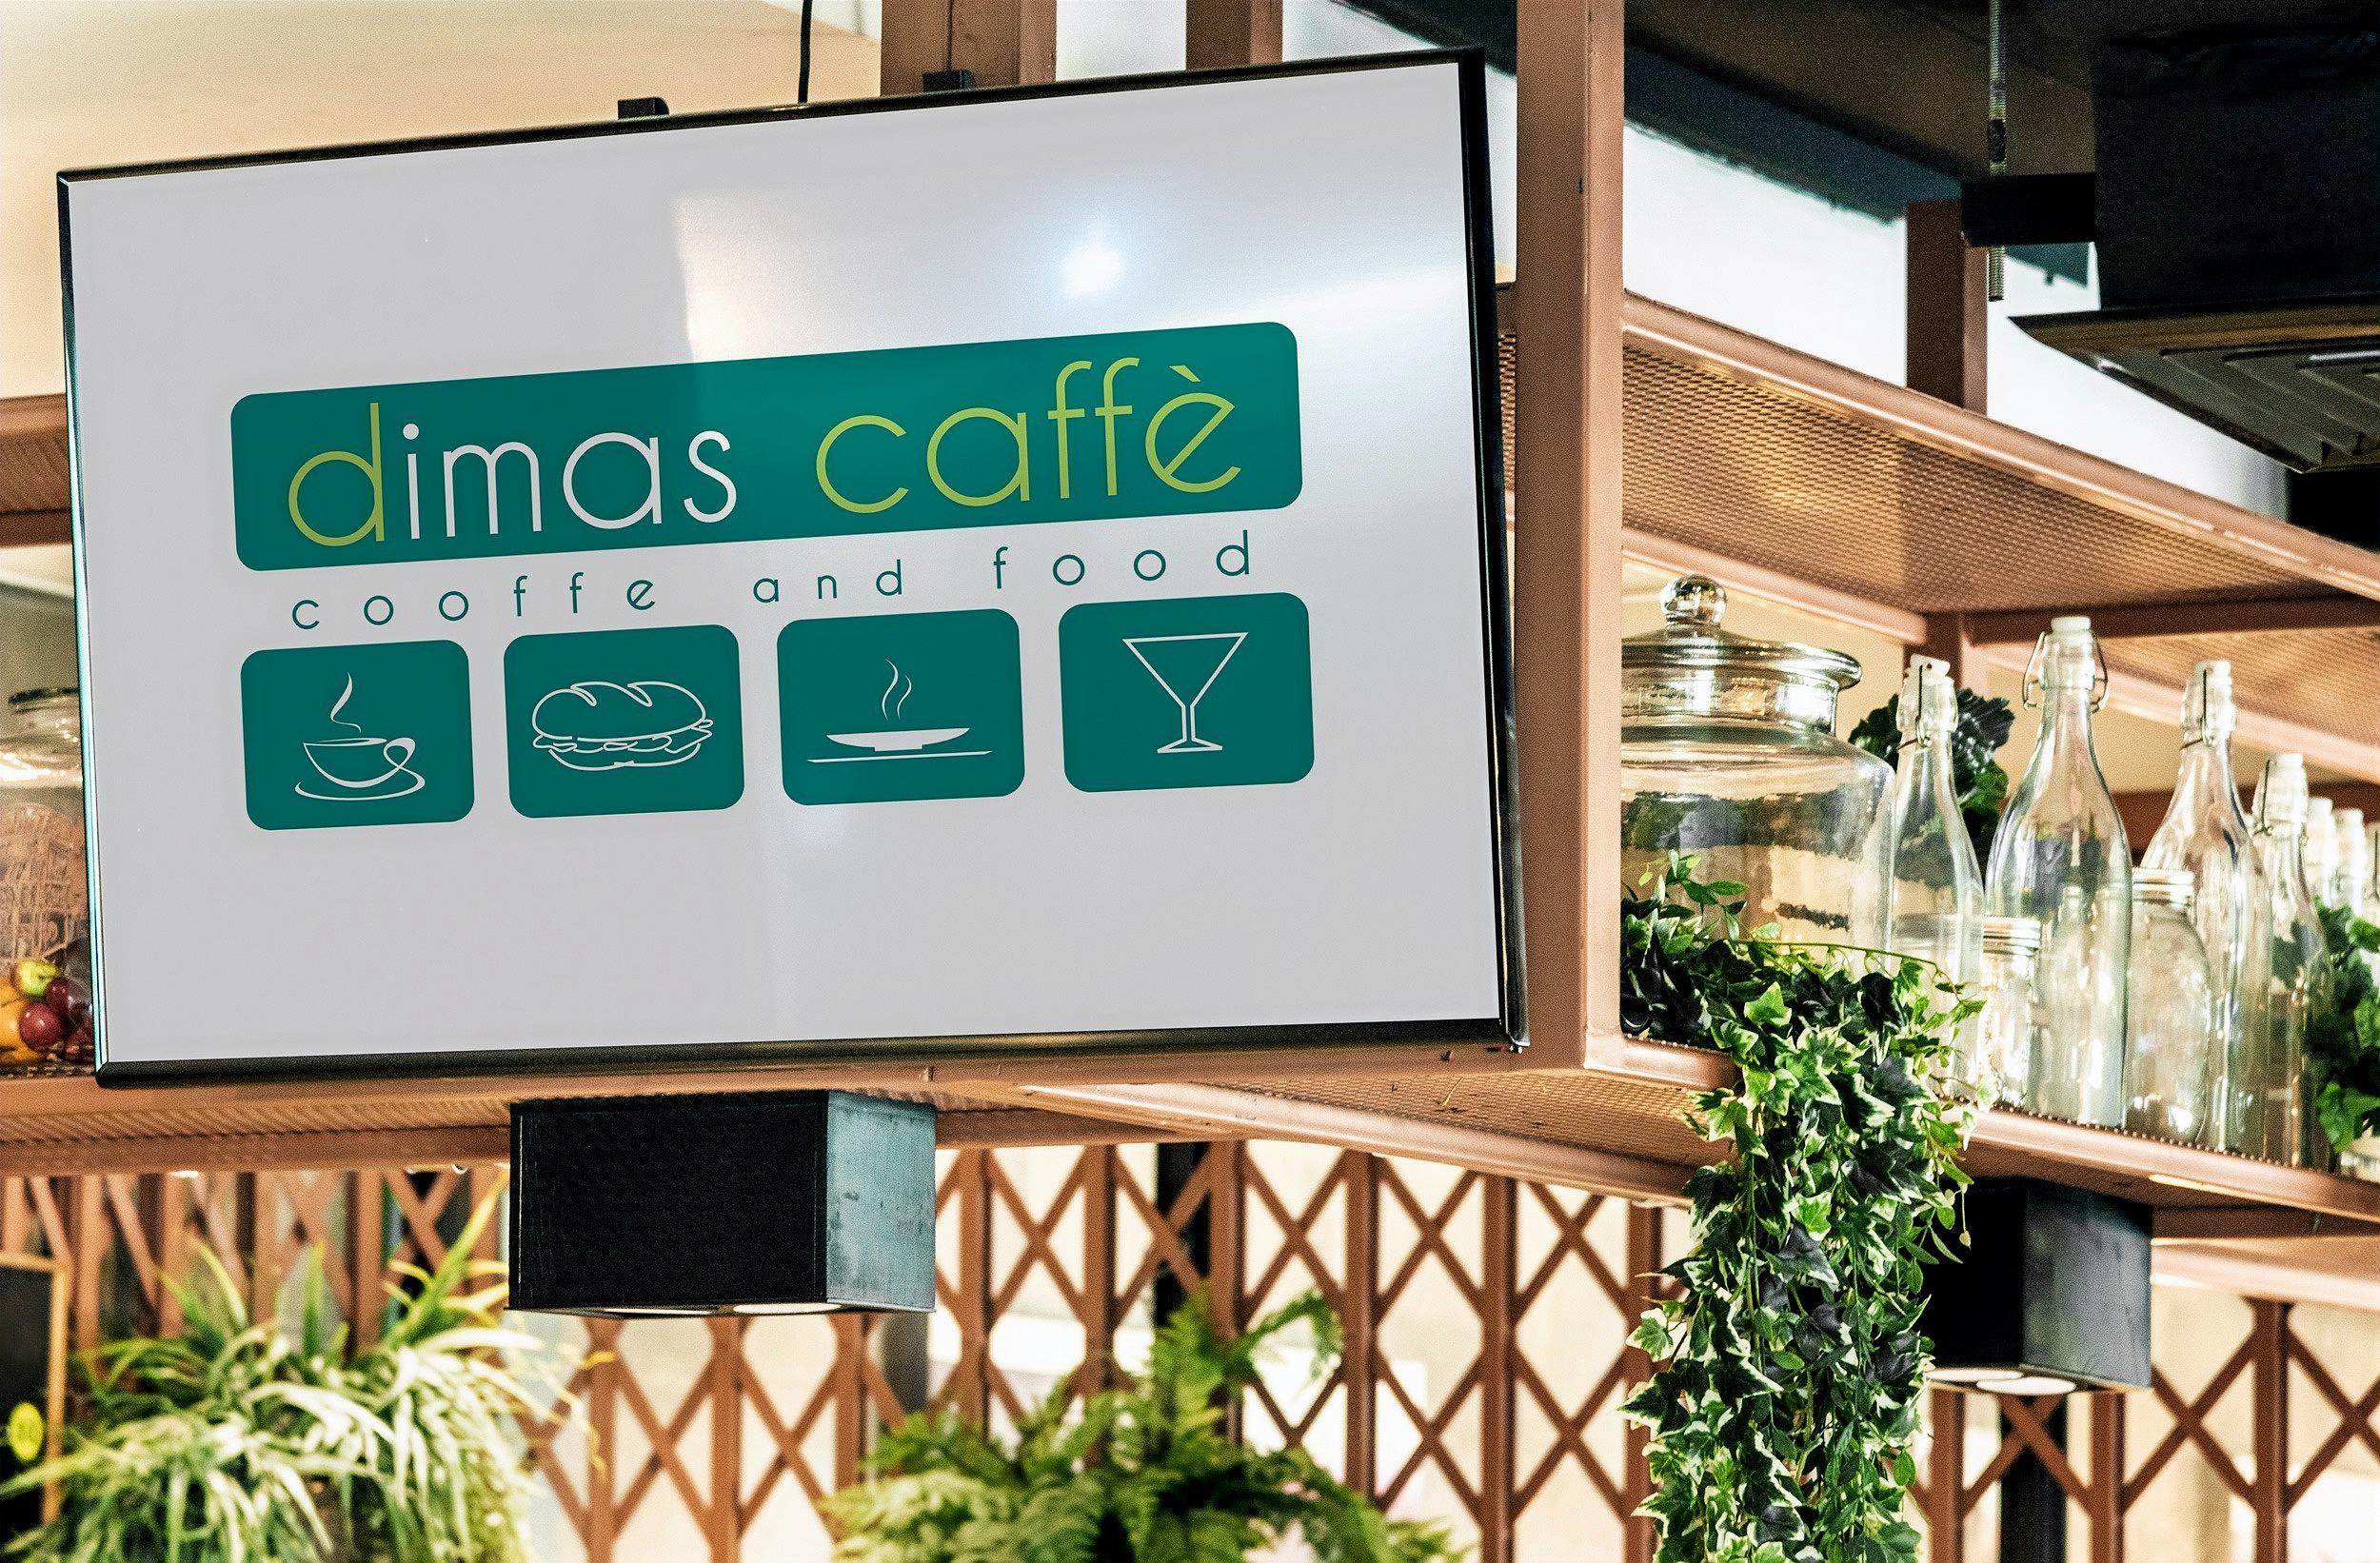 Dimas Caffè Varese